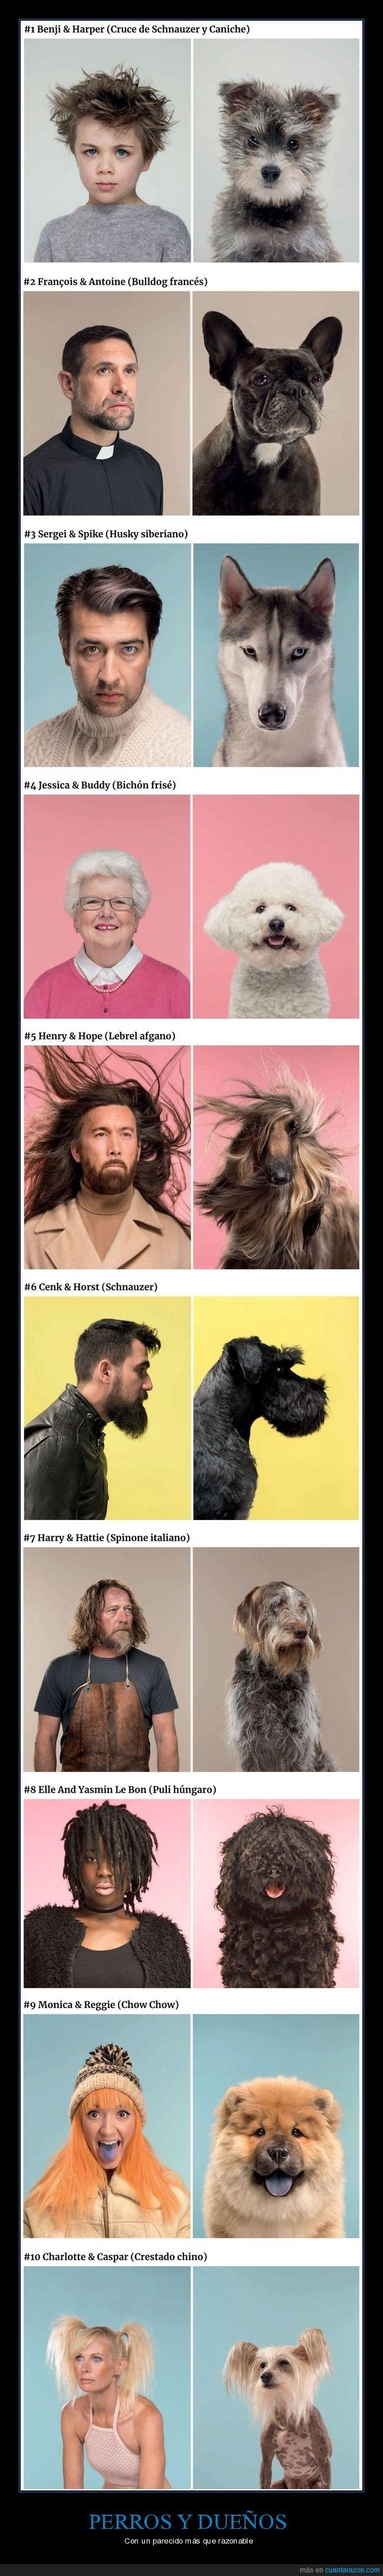 dueños,parecidos,perros